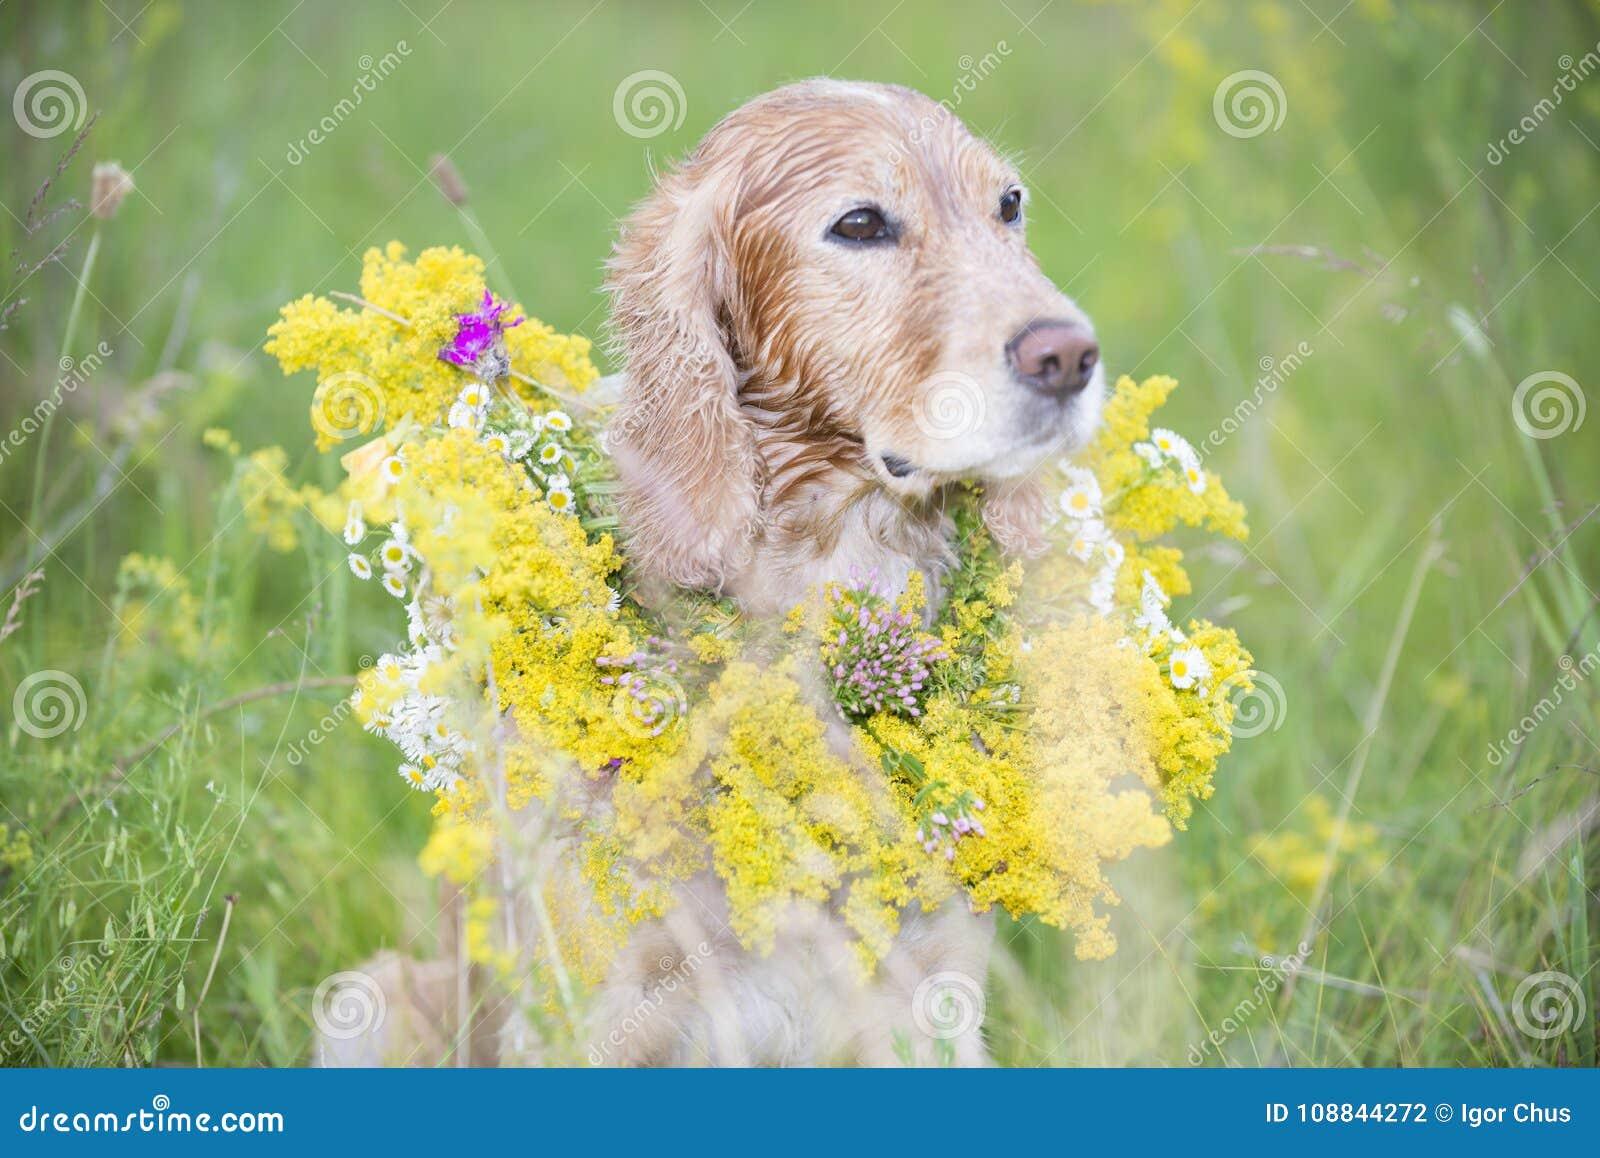 El perro de aguas de oro en un prado con un ramo de primavera florece